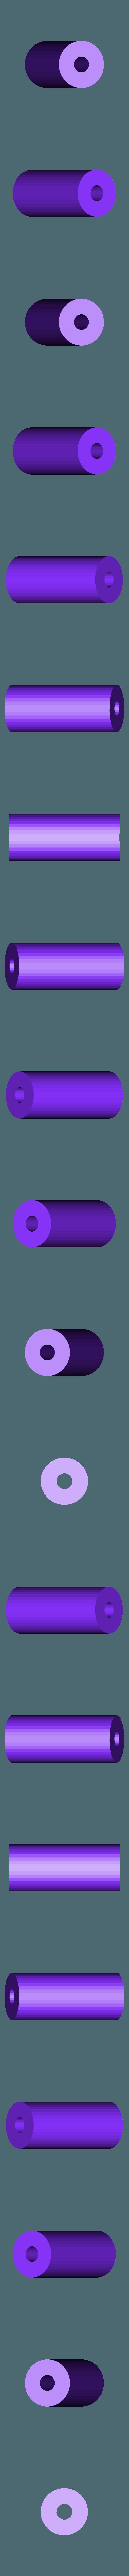 RulloFilamento.stl Download free STL file Alfawise U30 - Guida filamento • 3D printable object, Scigola